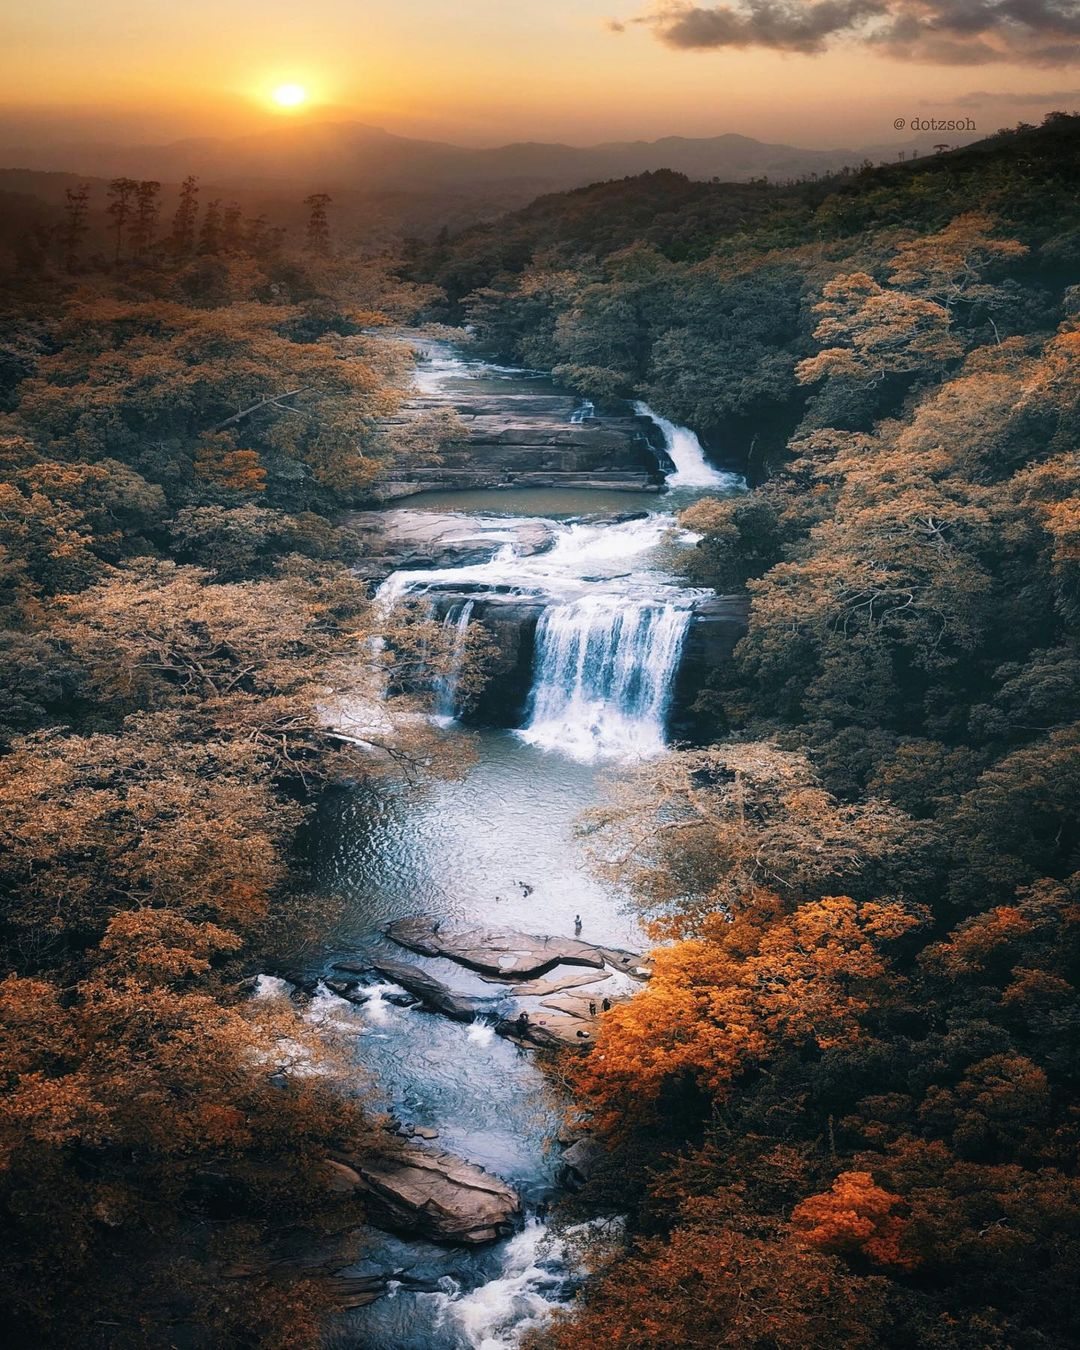 Природные и городские пейзажи из путешествий Dotz Soh